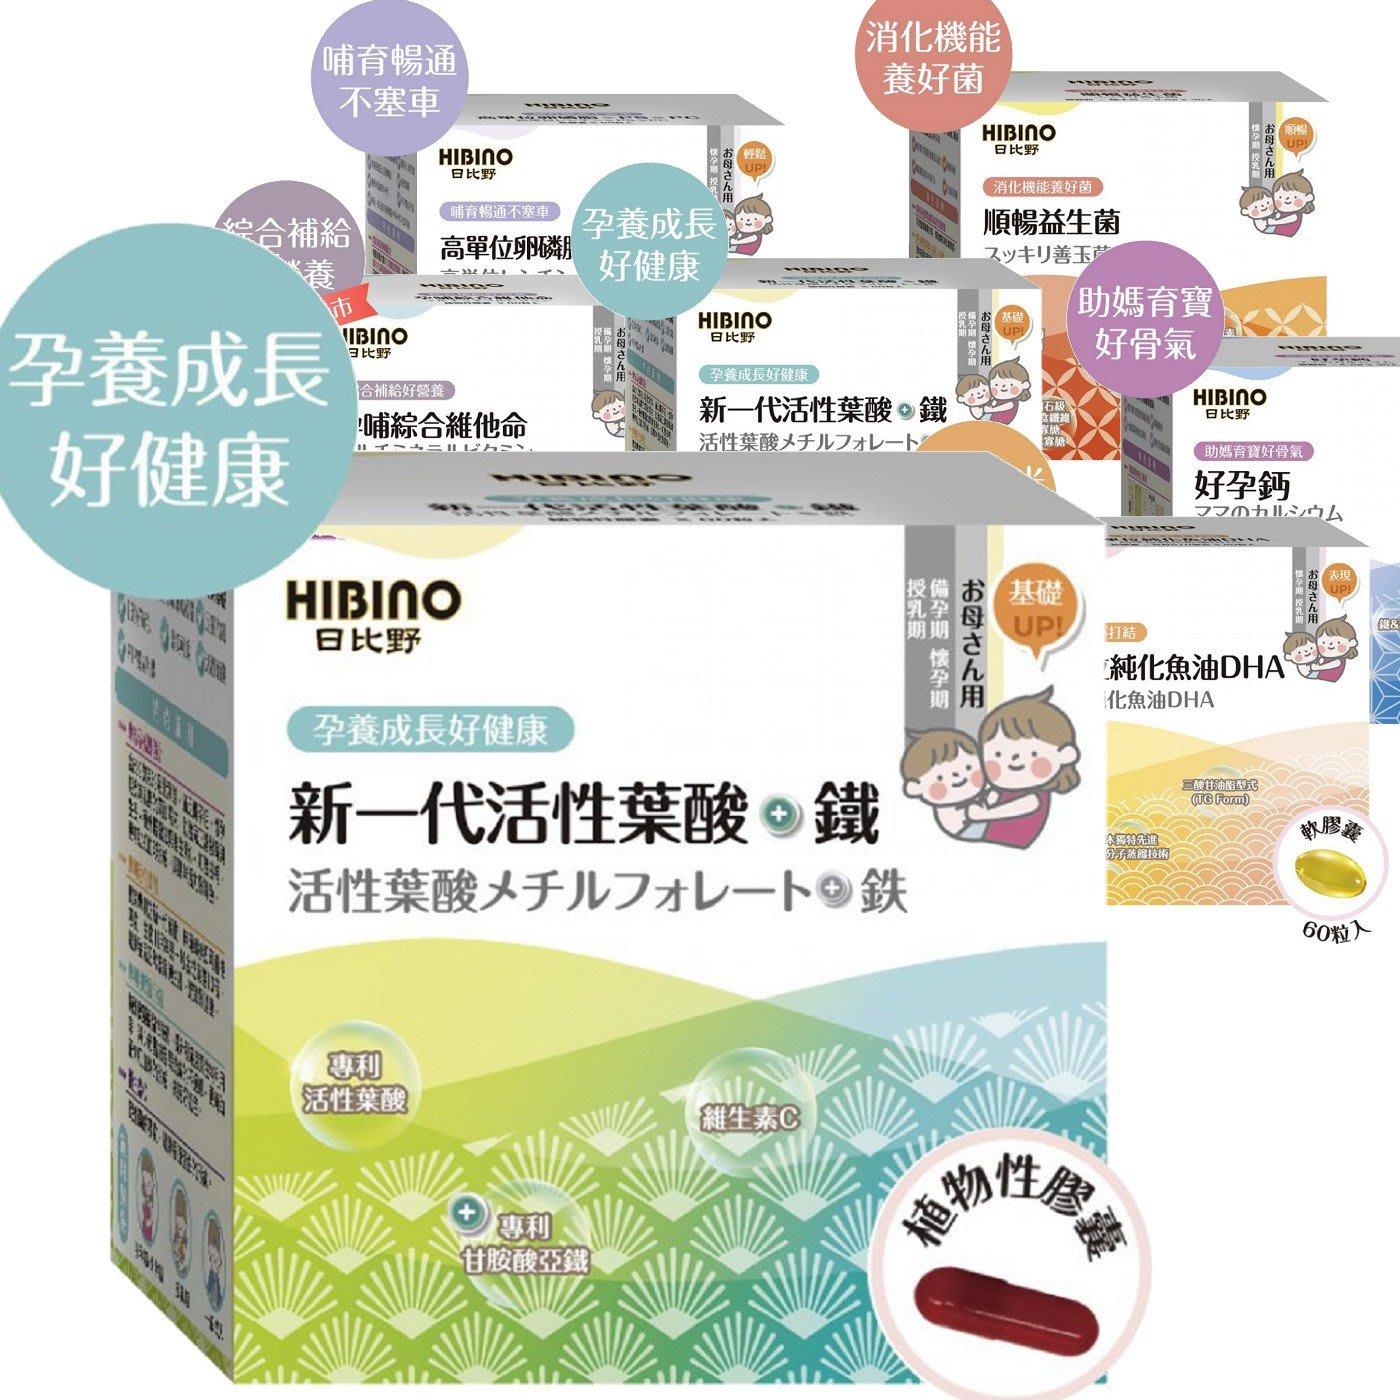 HIBINO 日比野 葉酸+鐵 【買3送1, 可任選混搭 §小豆芽§ 媽媽 孕婦營養品系列 葉酸+鐵